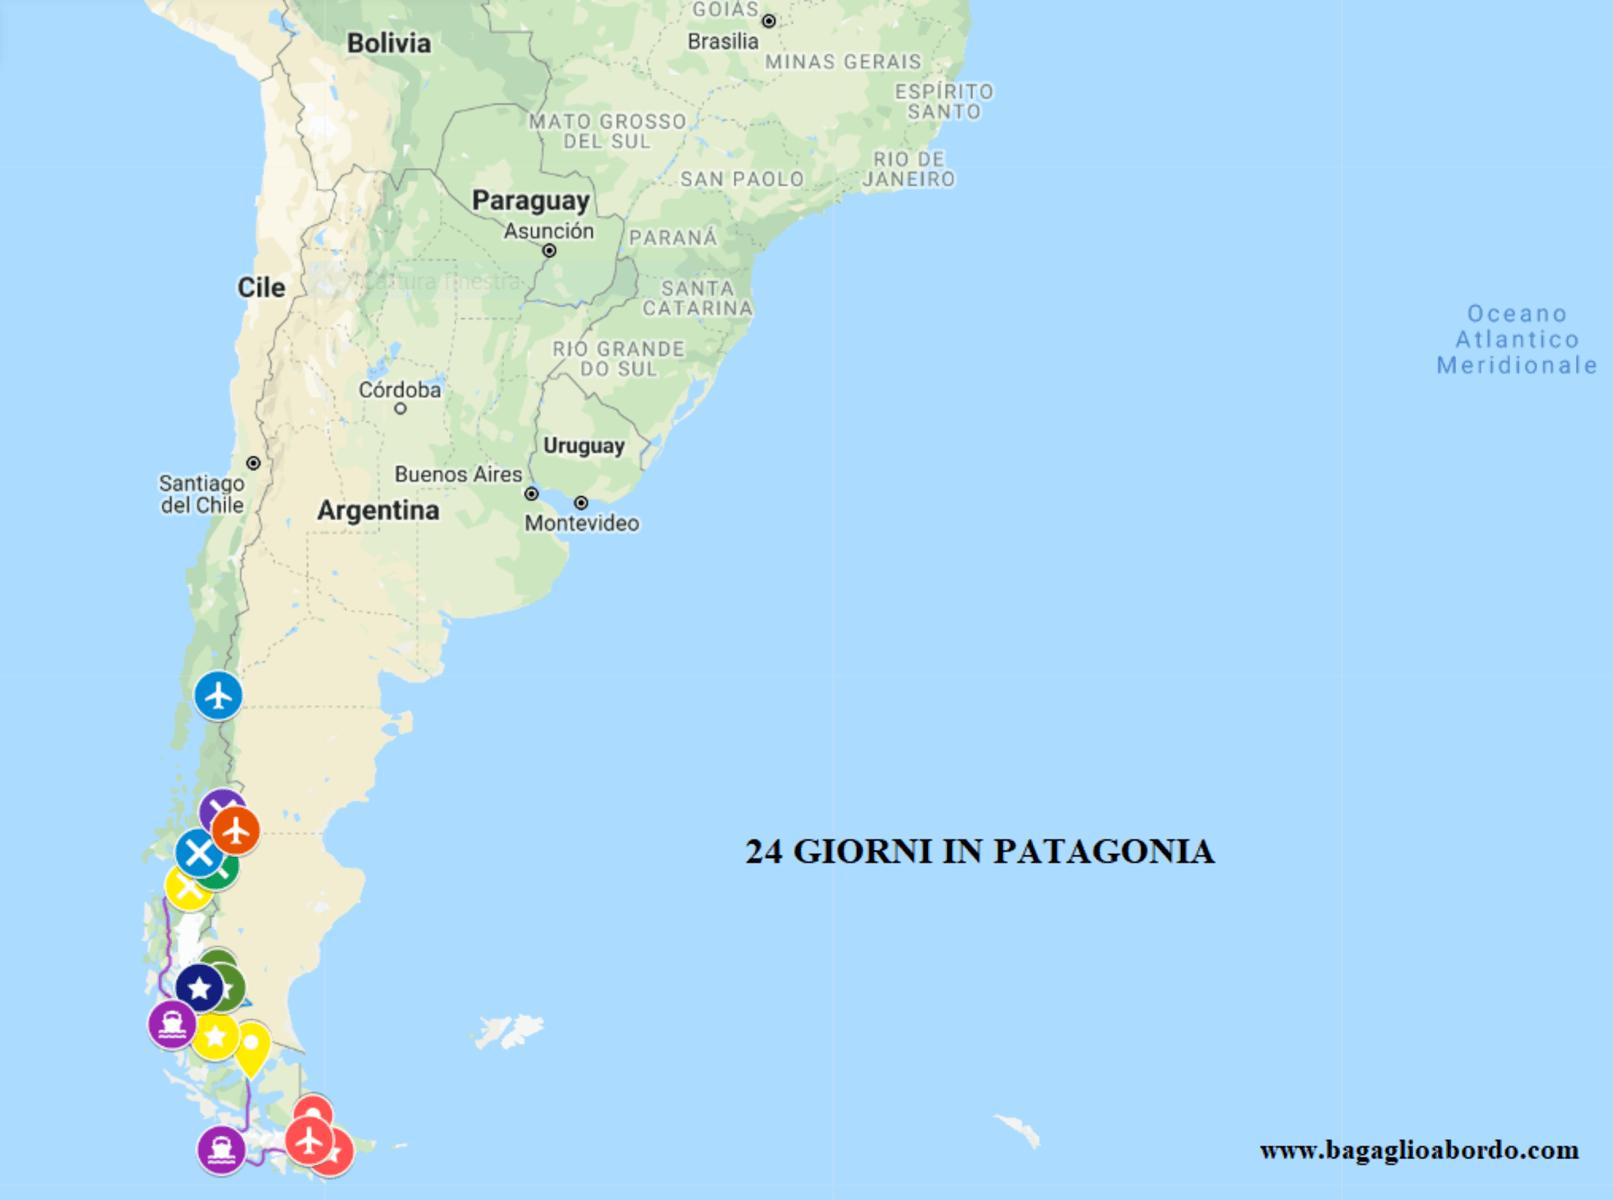 Patagonia Cartina Geografica.Mappa Per Un Itinerario Di Viaggio Fai Da Te In Patagonia Bagaglio A Bordo